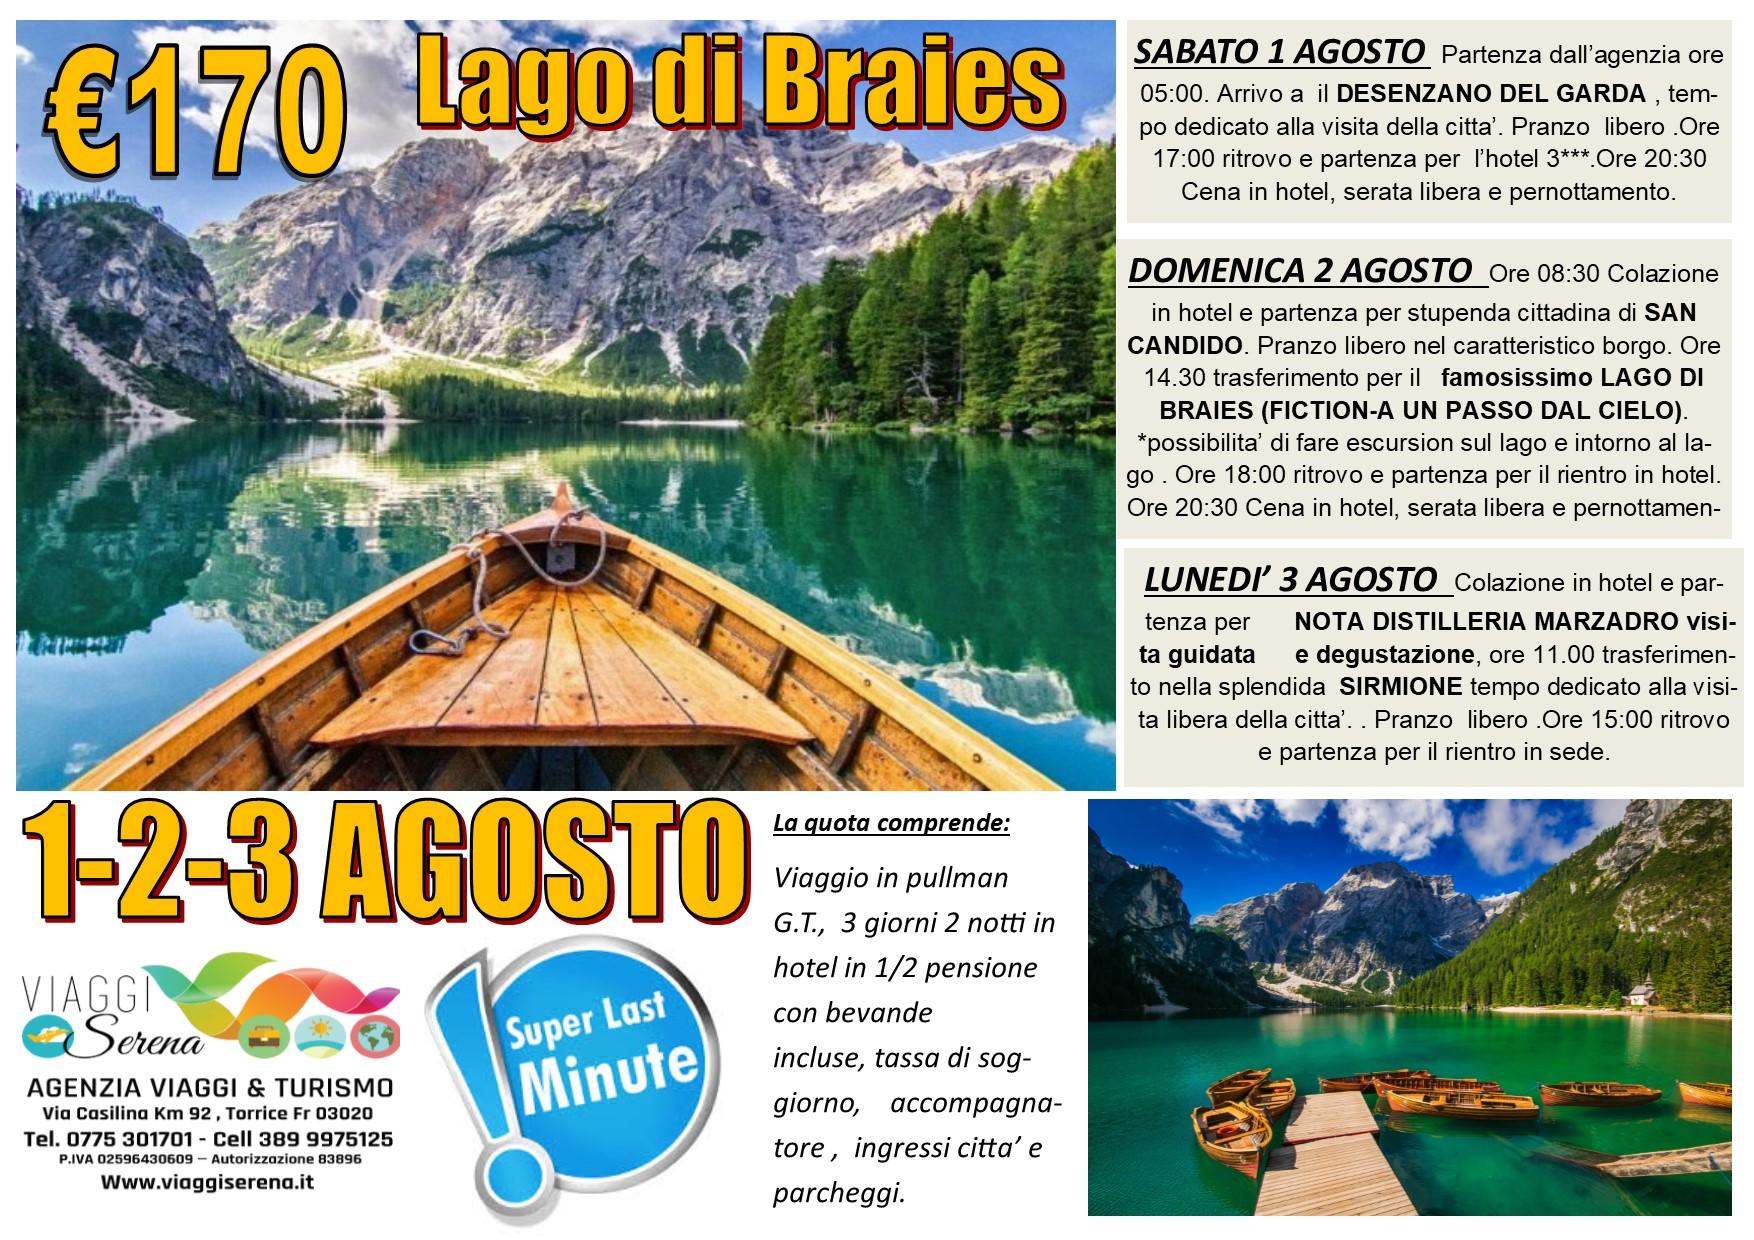 Viaggi di Gruppo: LAGO di BRAIES 1-2-3 Agosto € 170,00